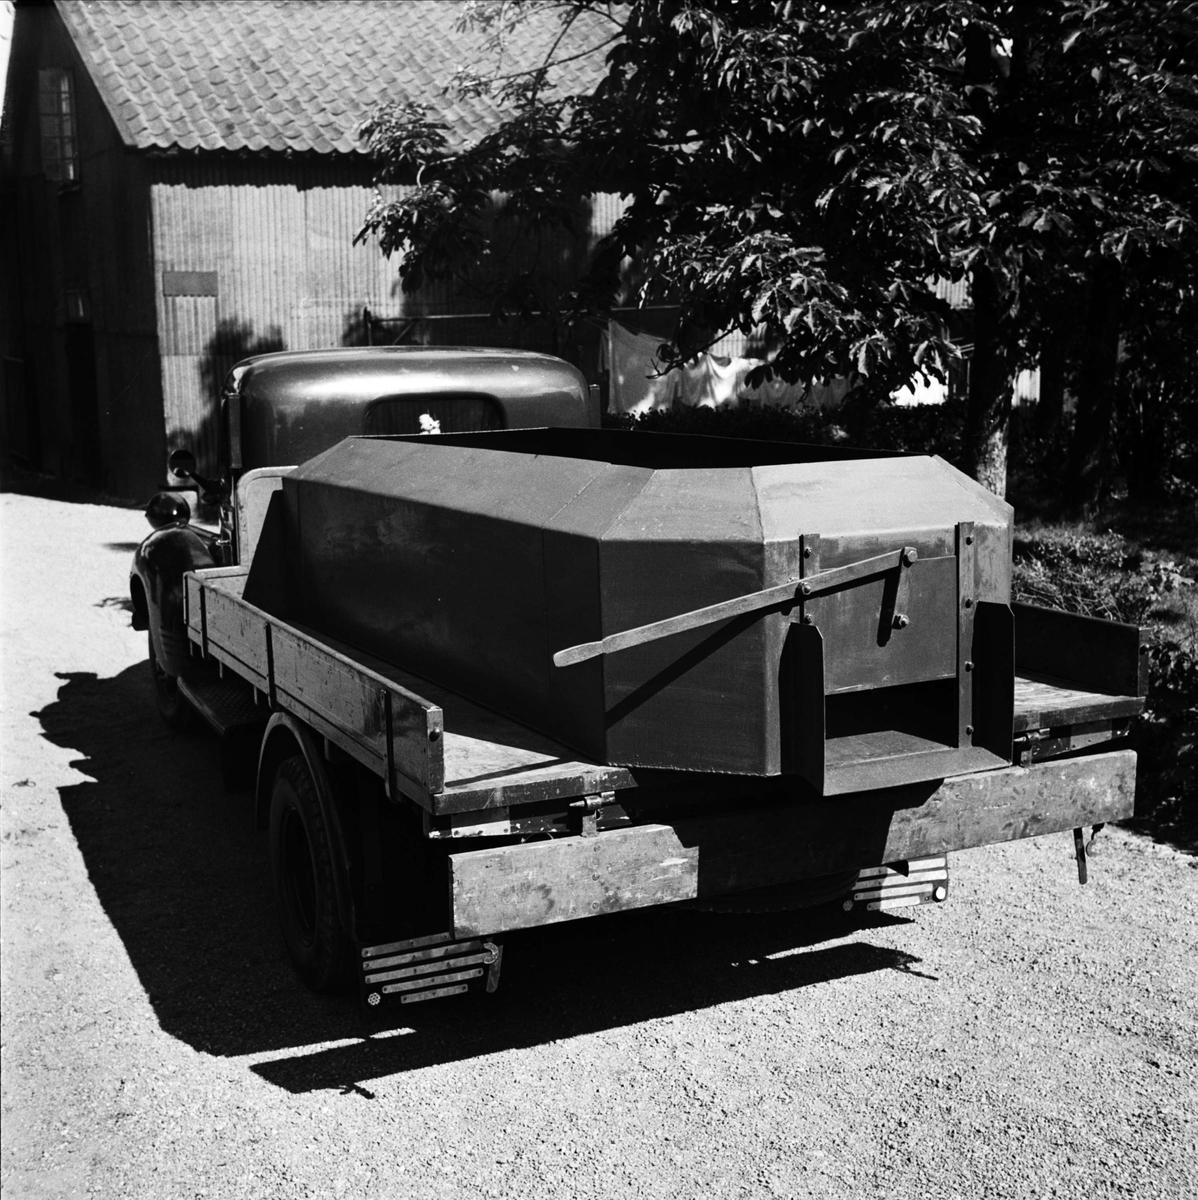 Lastbil med cementkar - Bröderna Ek Smides o. Mekanisk Verkstad AB, sannolikt Uppsala juni 1947